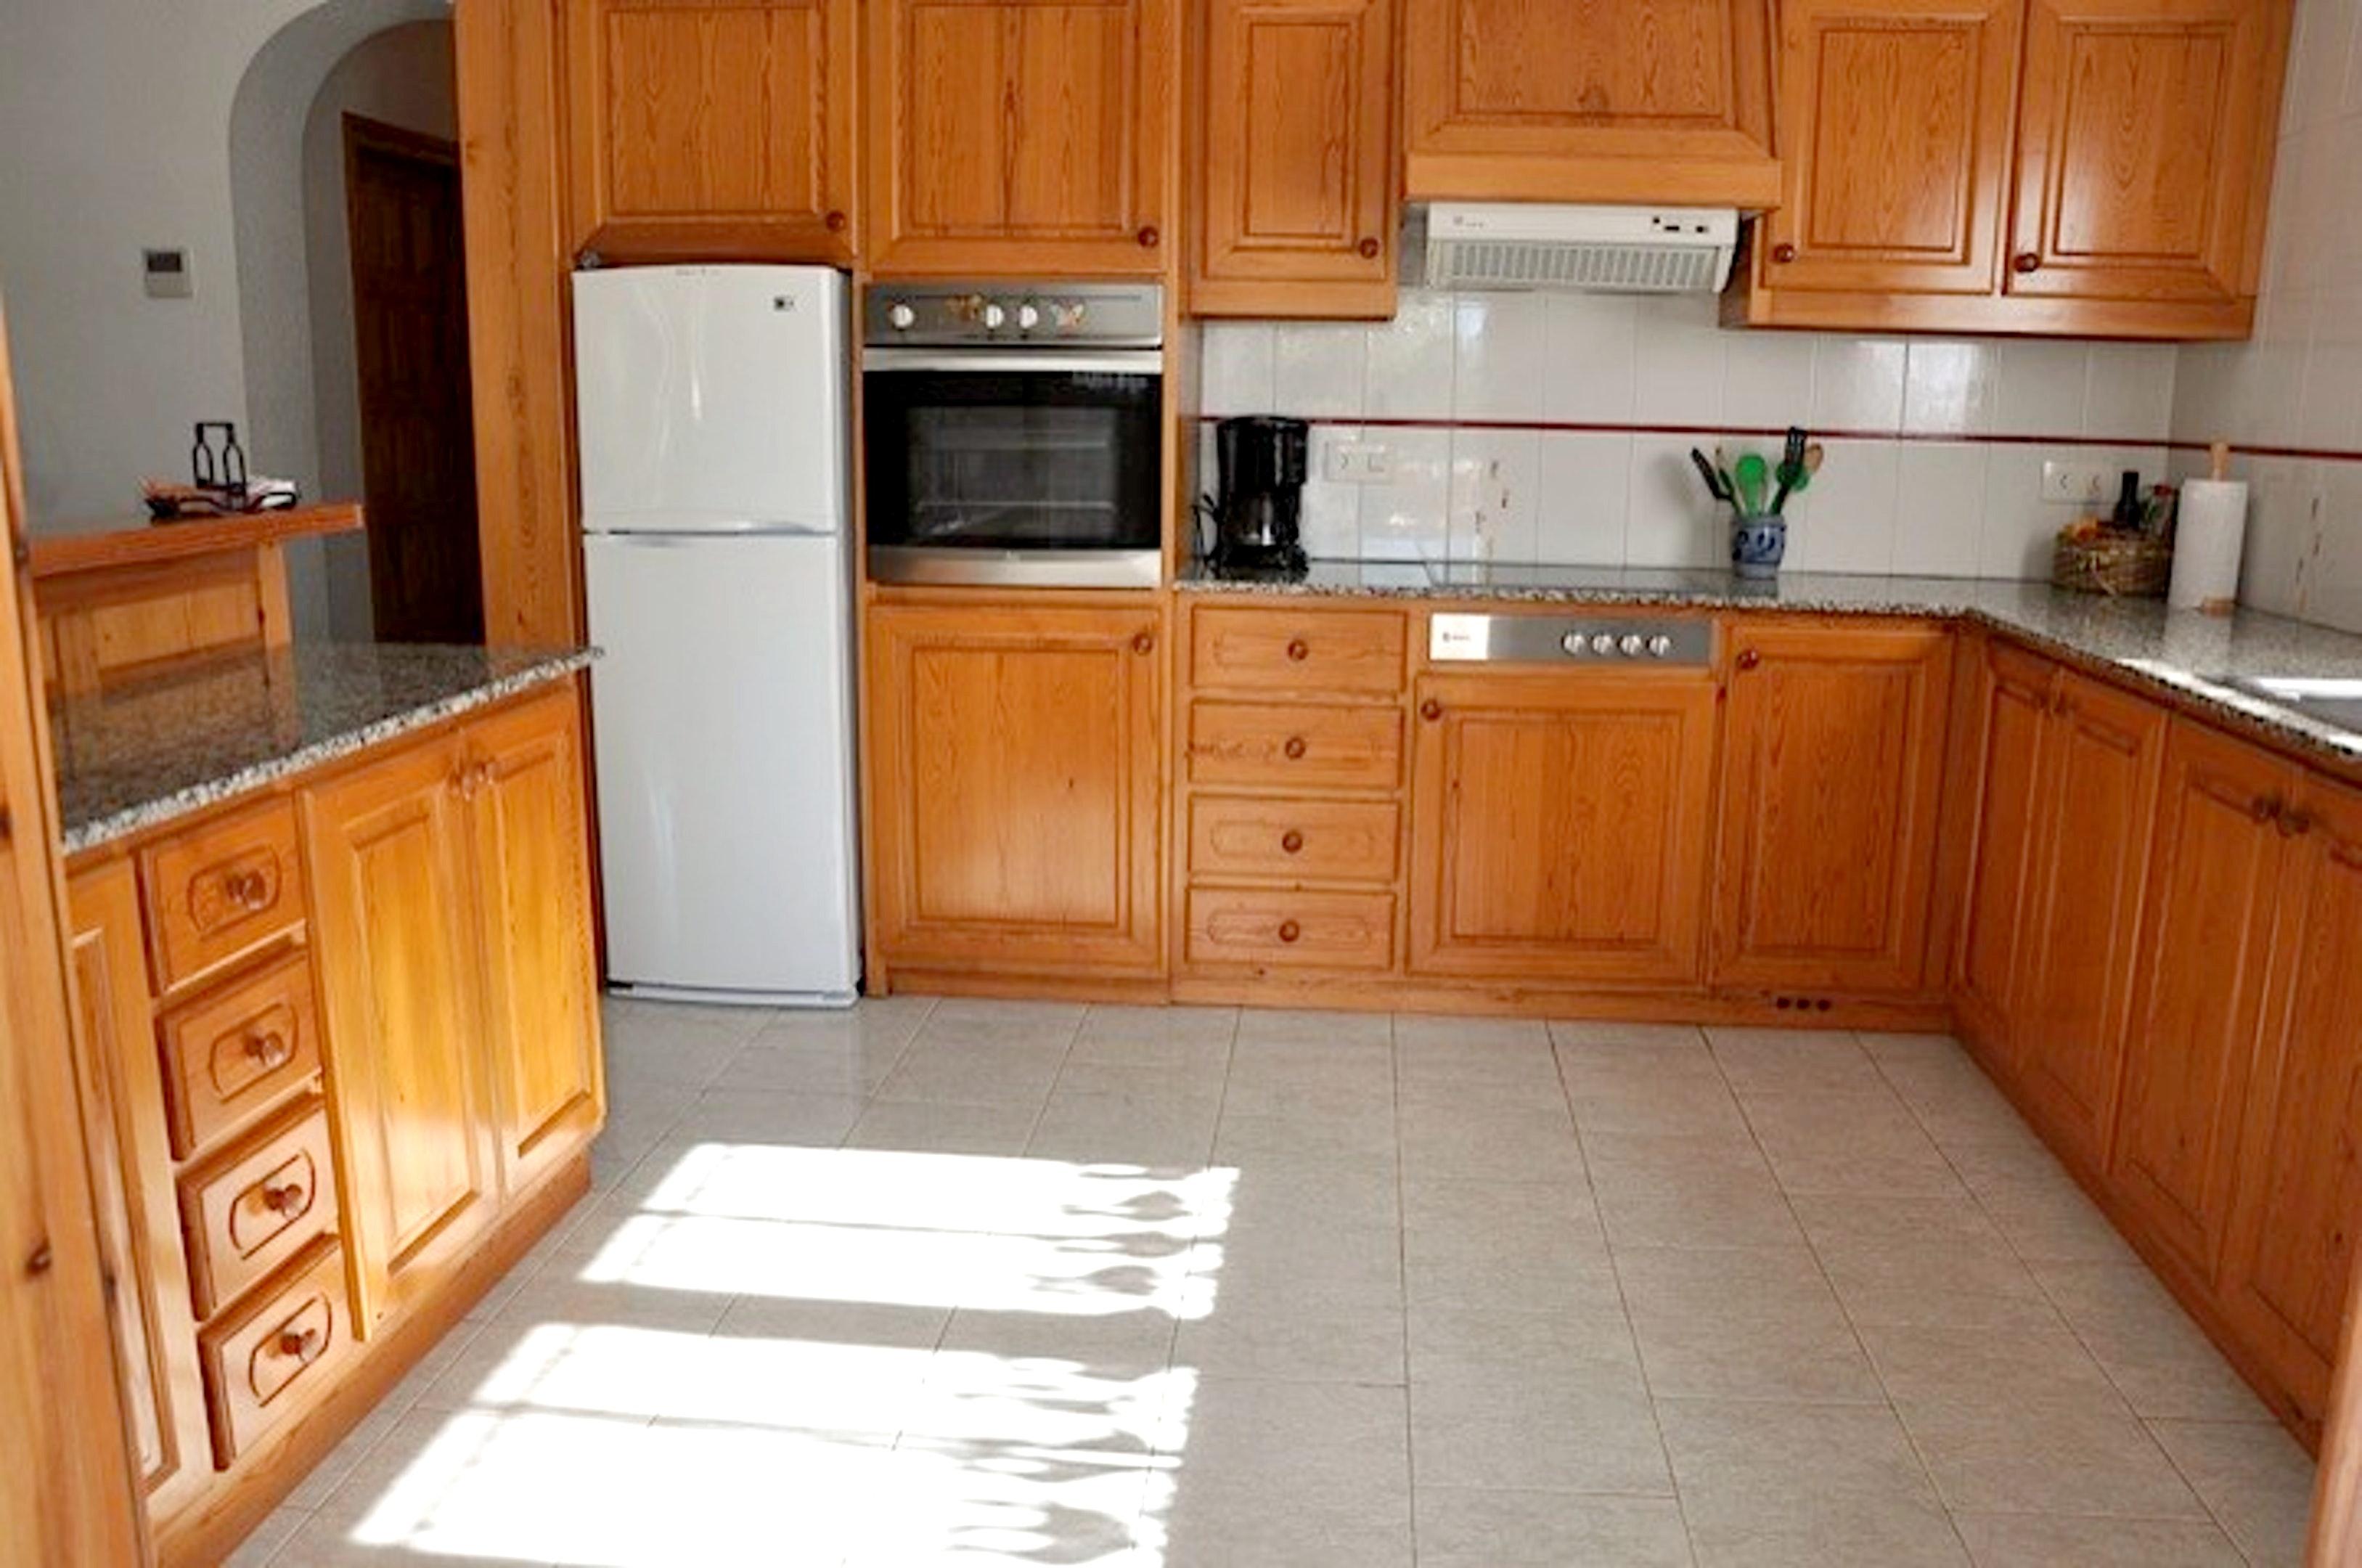 Ferienhaus Villa mit 3 Schlafzimmern in Ampolla mit herrlichem Meerblick, privatem Pool, möbliertem G (2201036), L'Ampolla, Costa Dorada, Katalonien, Spanien, Bild 21